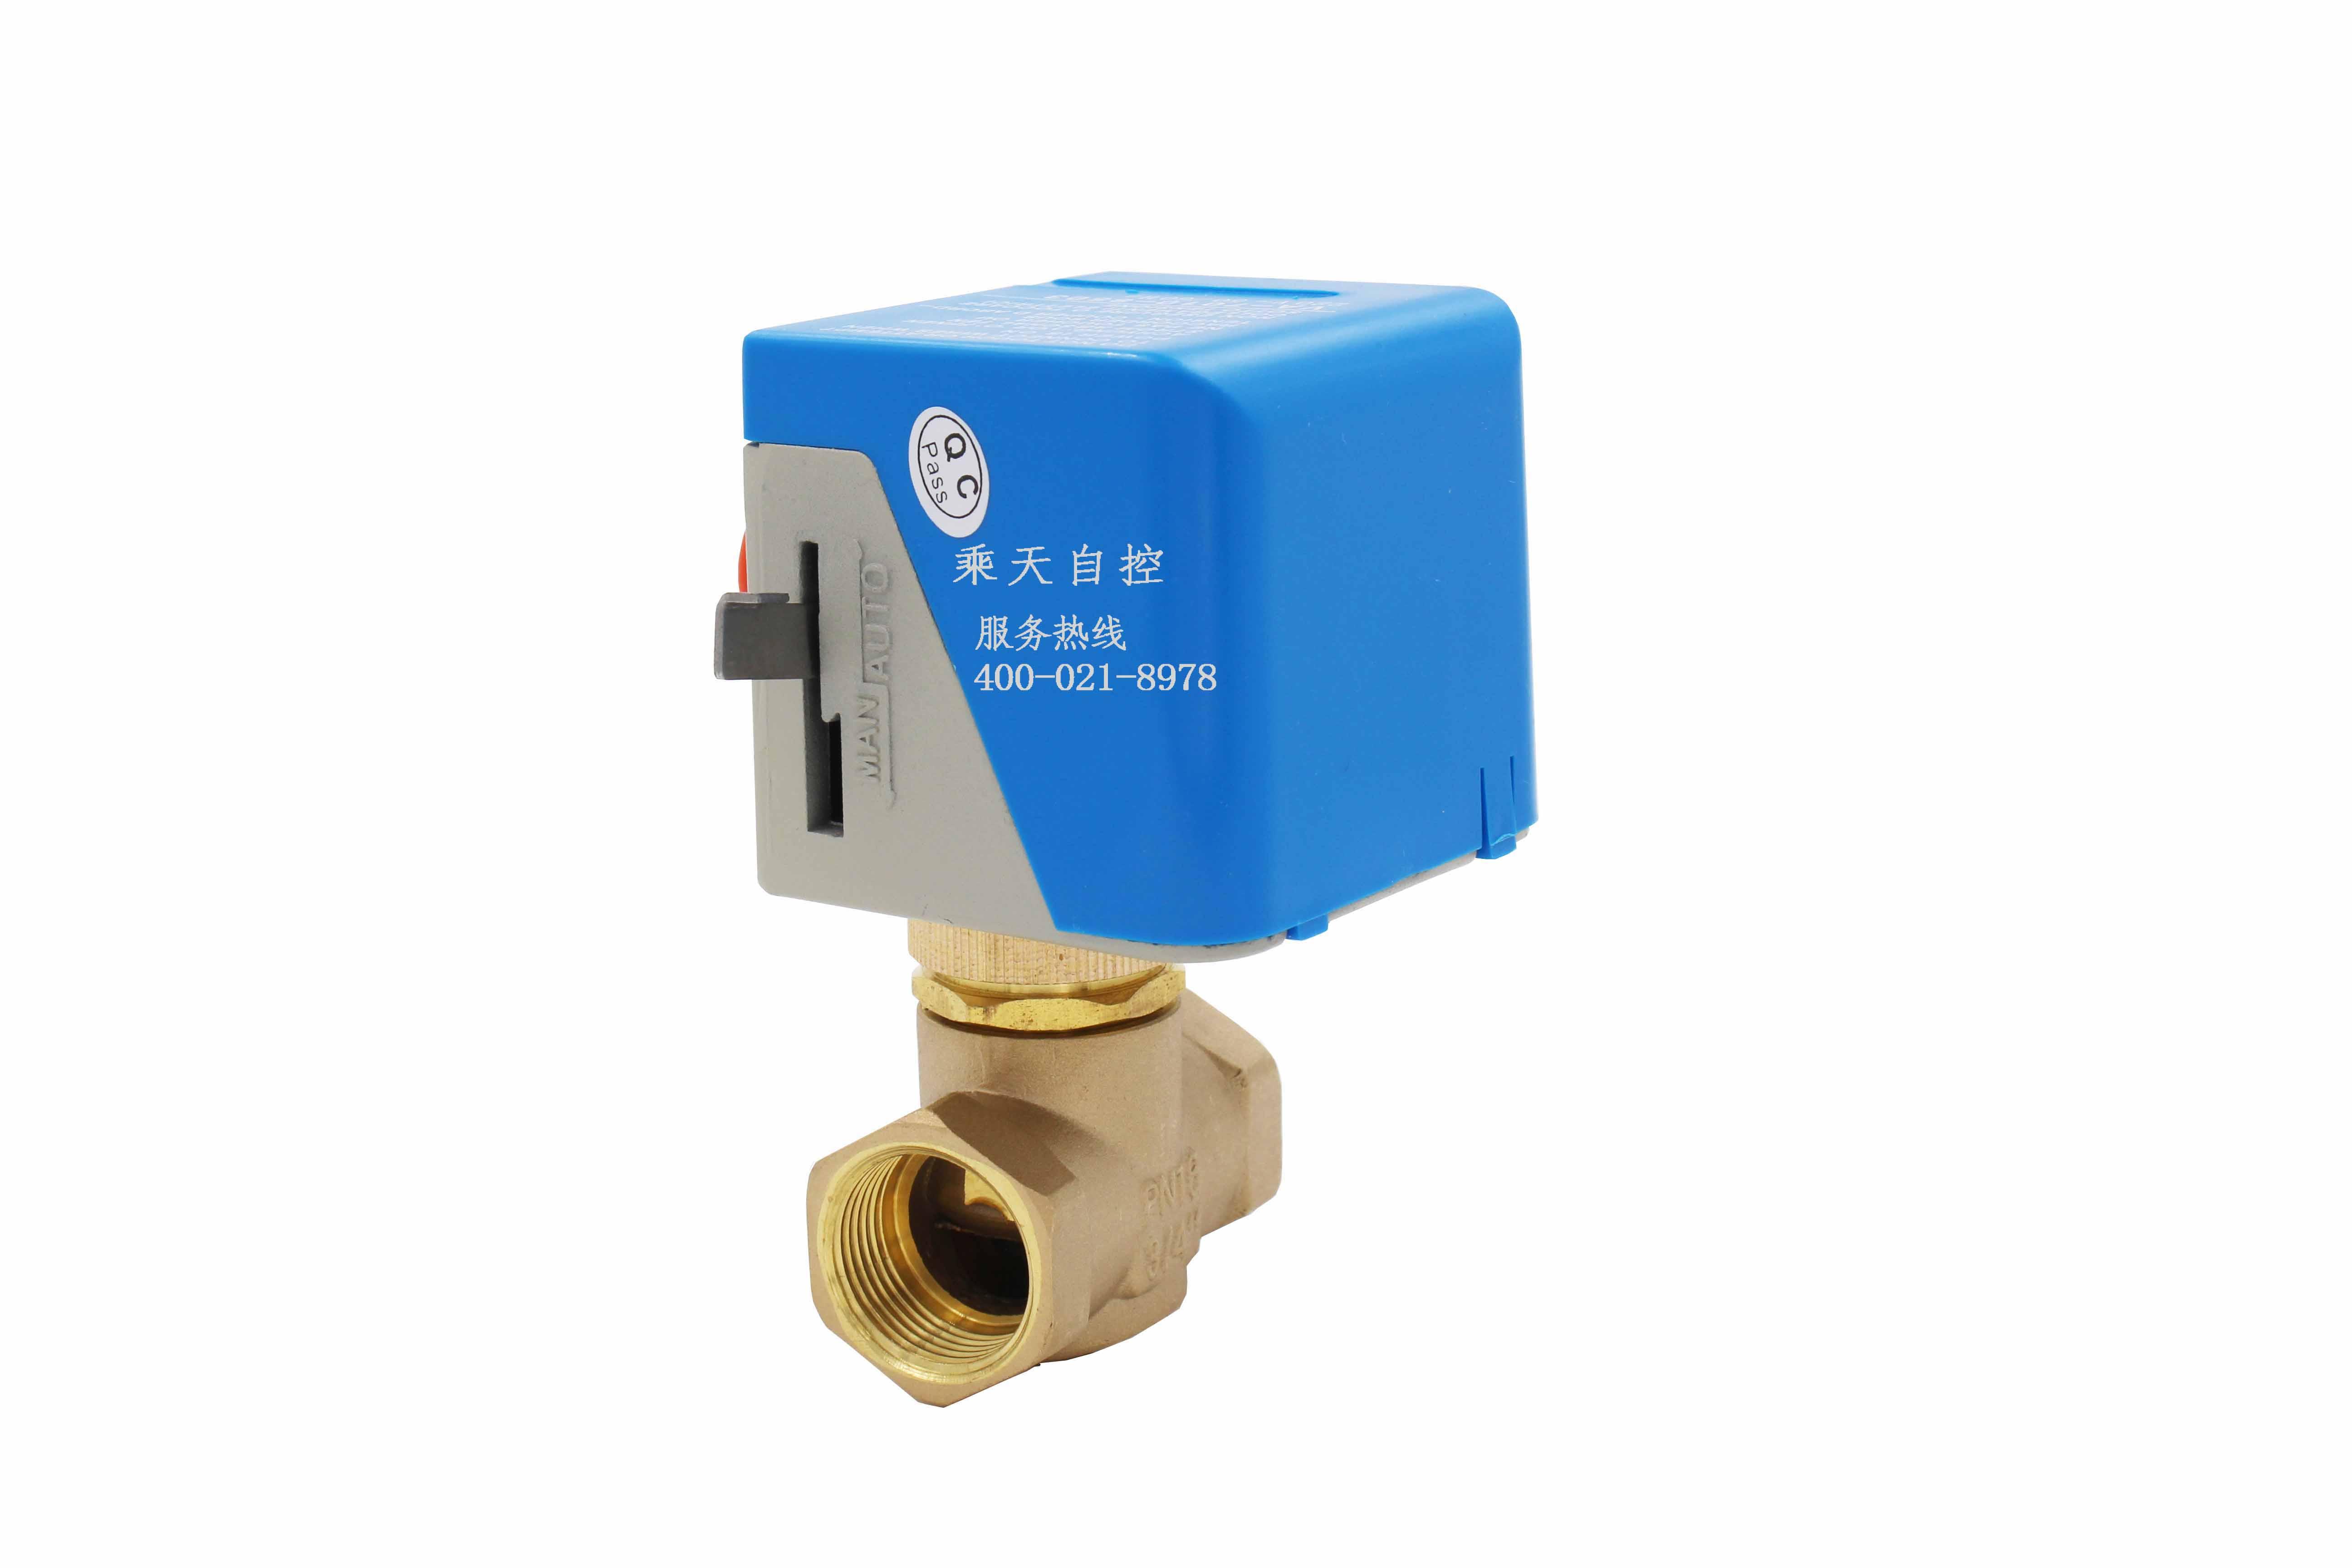 产品概述 VA7010系列风机盘管电动阀适用于风机盘管水流通断控制,产品由VA7010系列阀门驱动器和VA7010系列铜阀组成。驱动器由单向磁滞同步电机驱动,具备弹簧复位及手动开阀杠杆操纵功能。阀门不工作时处于常闭状态,当需要工作时,由温控器提供一个开启信号,使电动阀接通交流电源而动作,开启阀门,冷冻水或热水进入风机盘管,为房间提供冷气或暖气;当室温达到温控器设定值时,温控器令电动阀断电,复位弹簧使阀门关闭,从而截断进入风机盘管的水流。通过阀门关闭或开启,使室温始终保持在温控器设定的温度范围内。